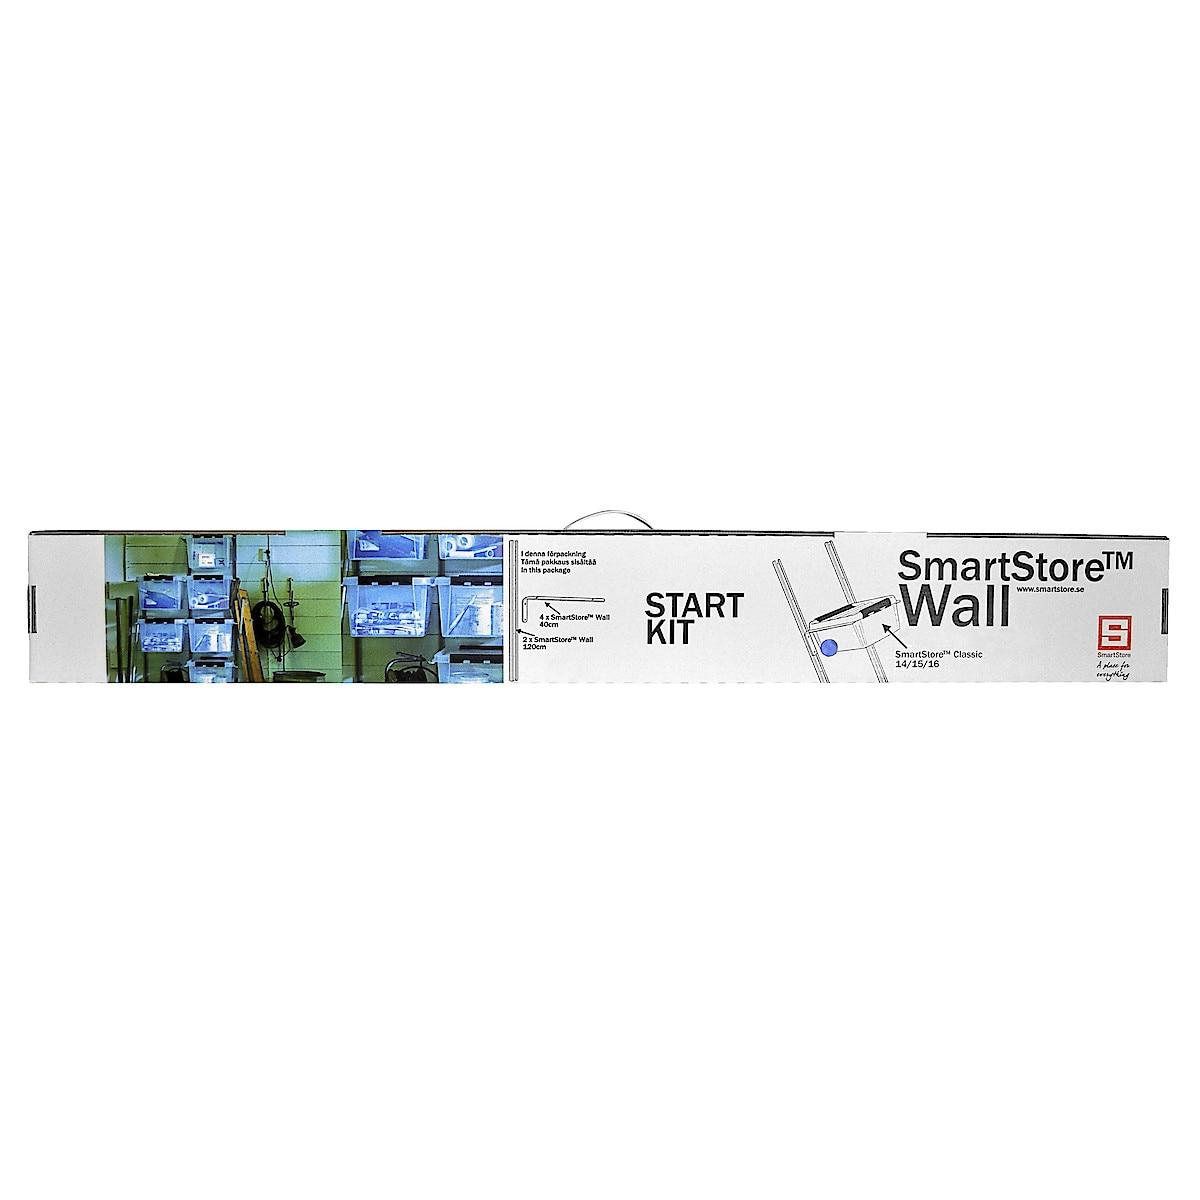 Aloituspakkaus SmartStore Wall Sininen